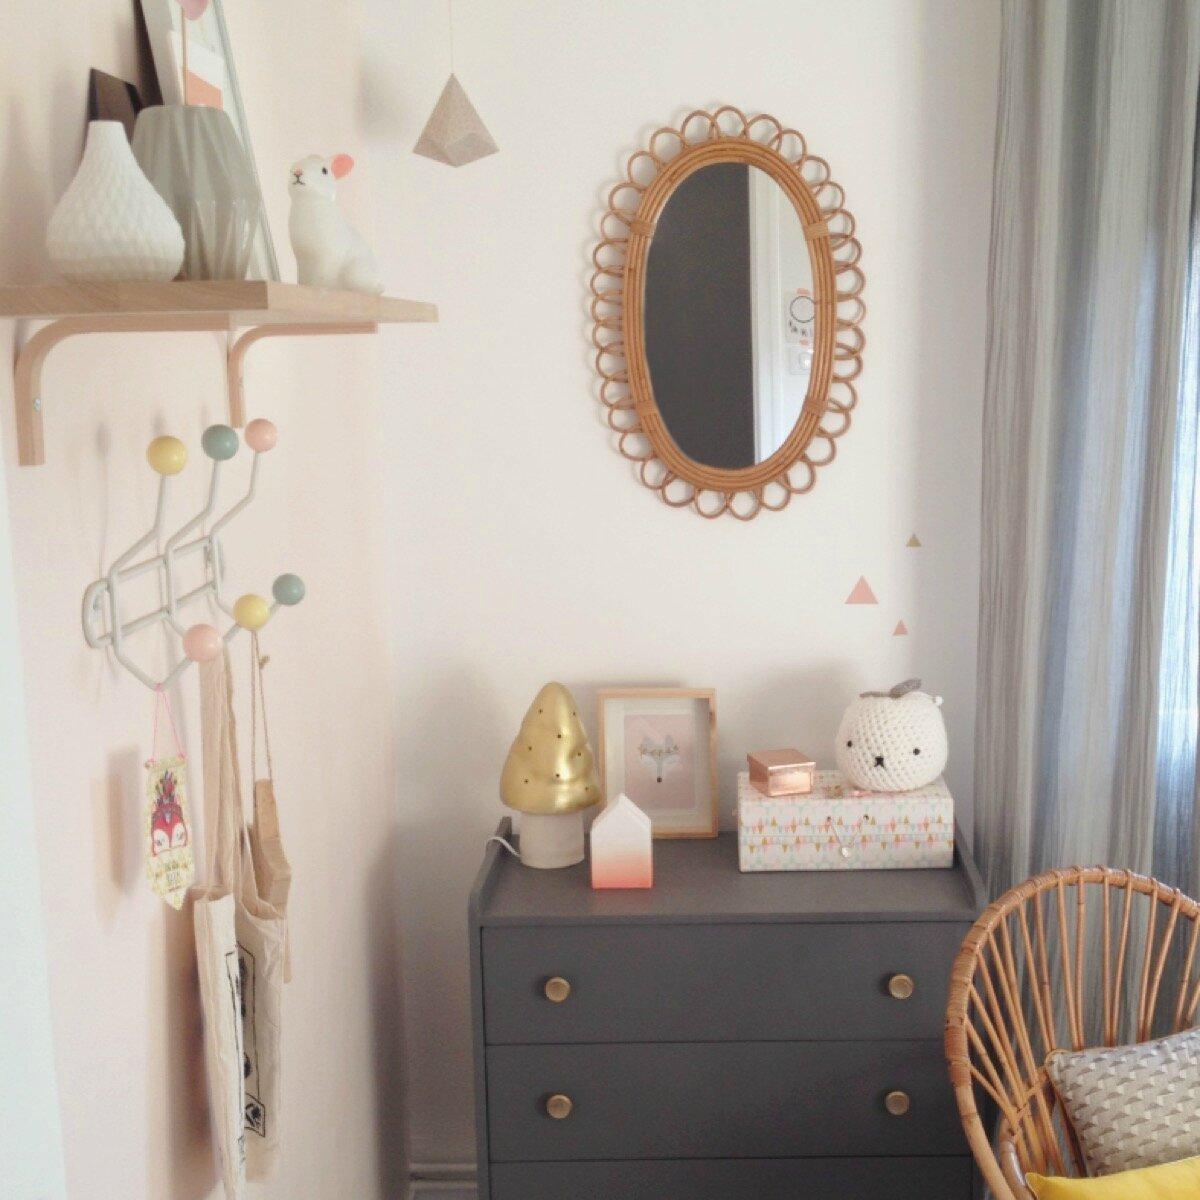 Deco Chambre Bebe Fille visite d'une chambre de bébé fille • - deco trendy